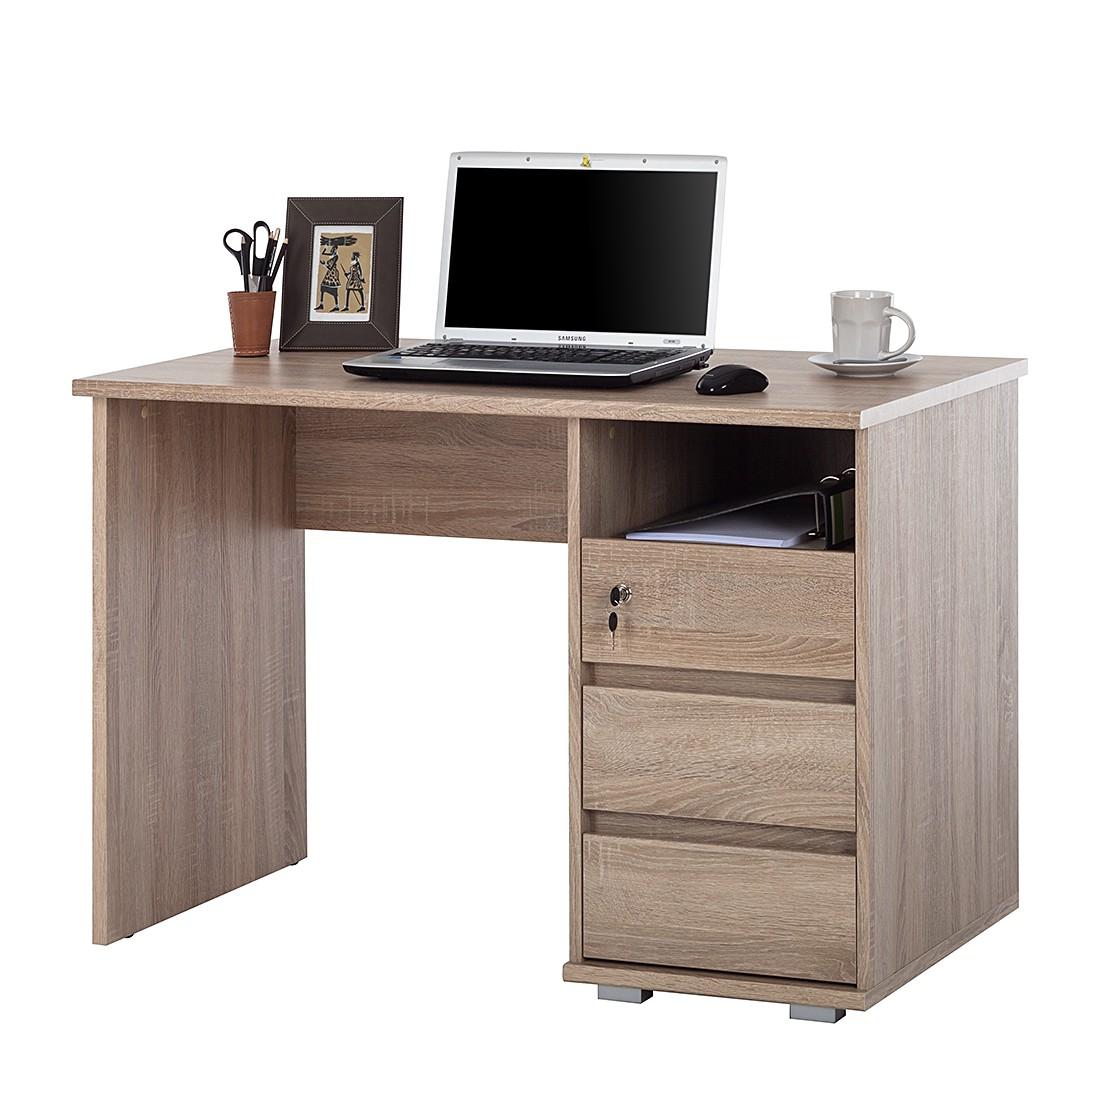 Schreibtisch wilson sonoma eiche dekor ebay for Computer schreibtisch eiche